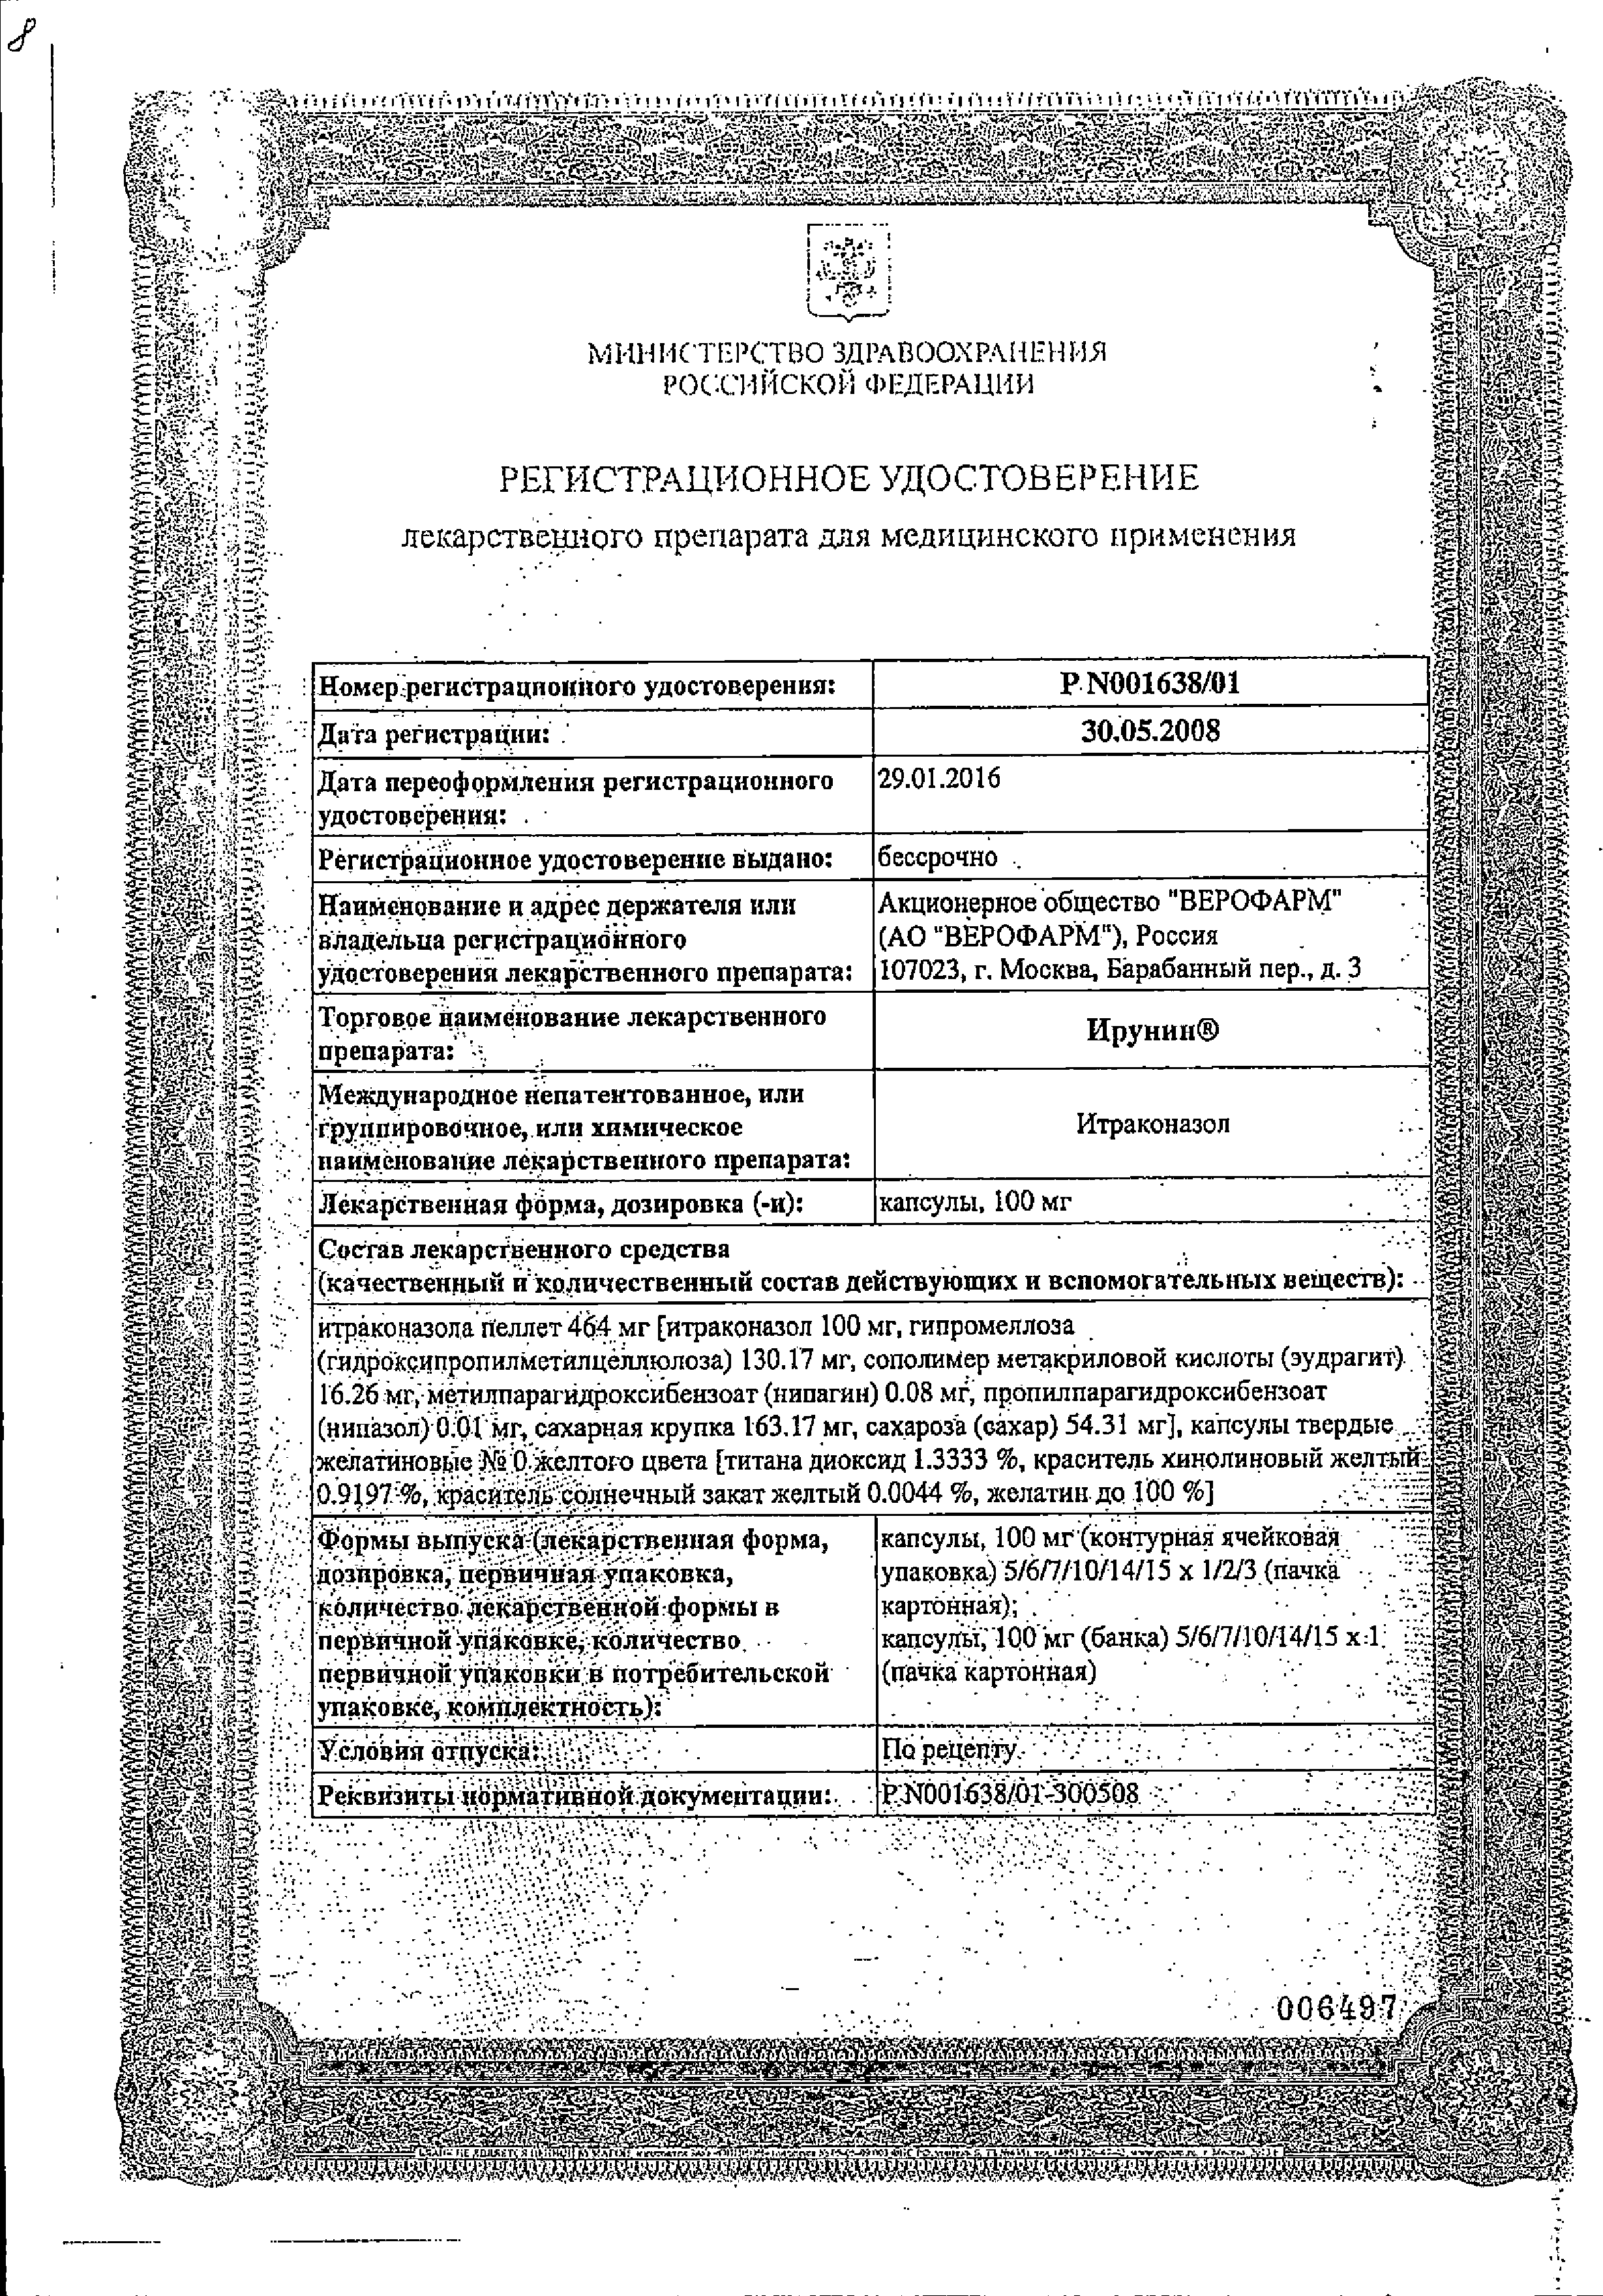 Ирунин сертификат